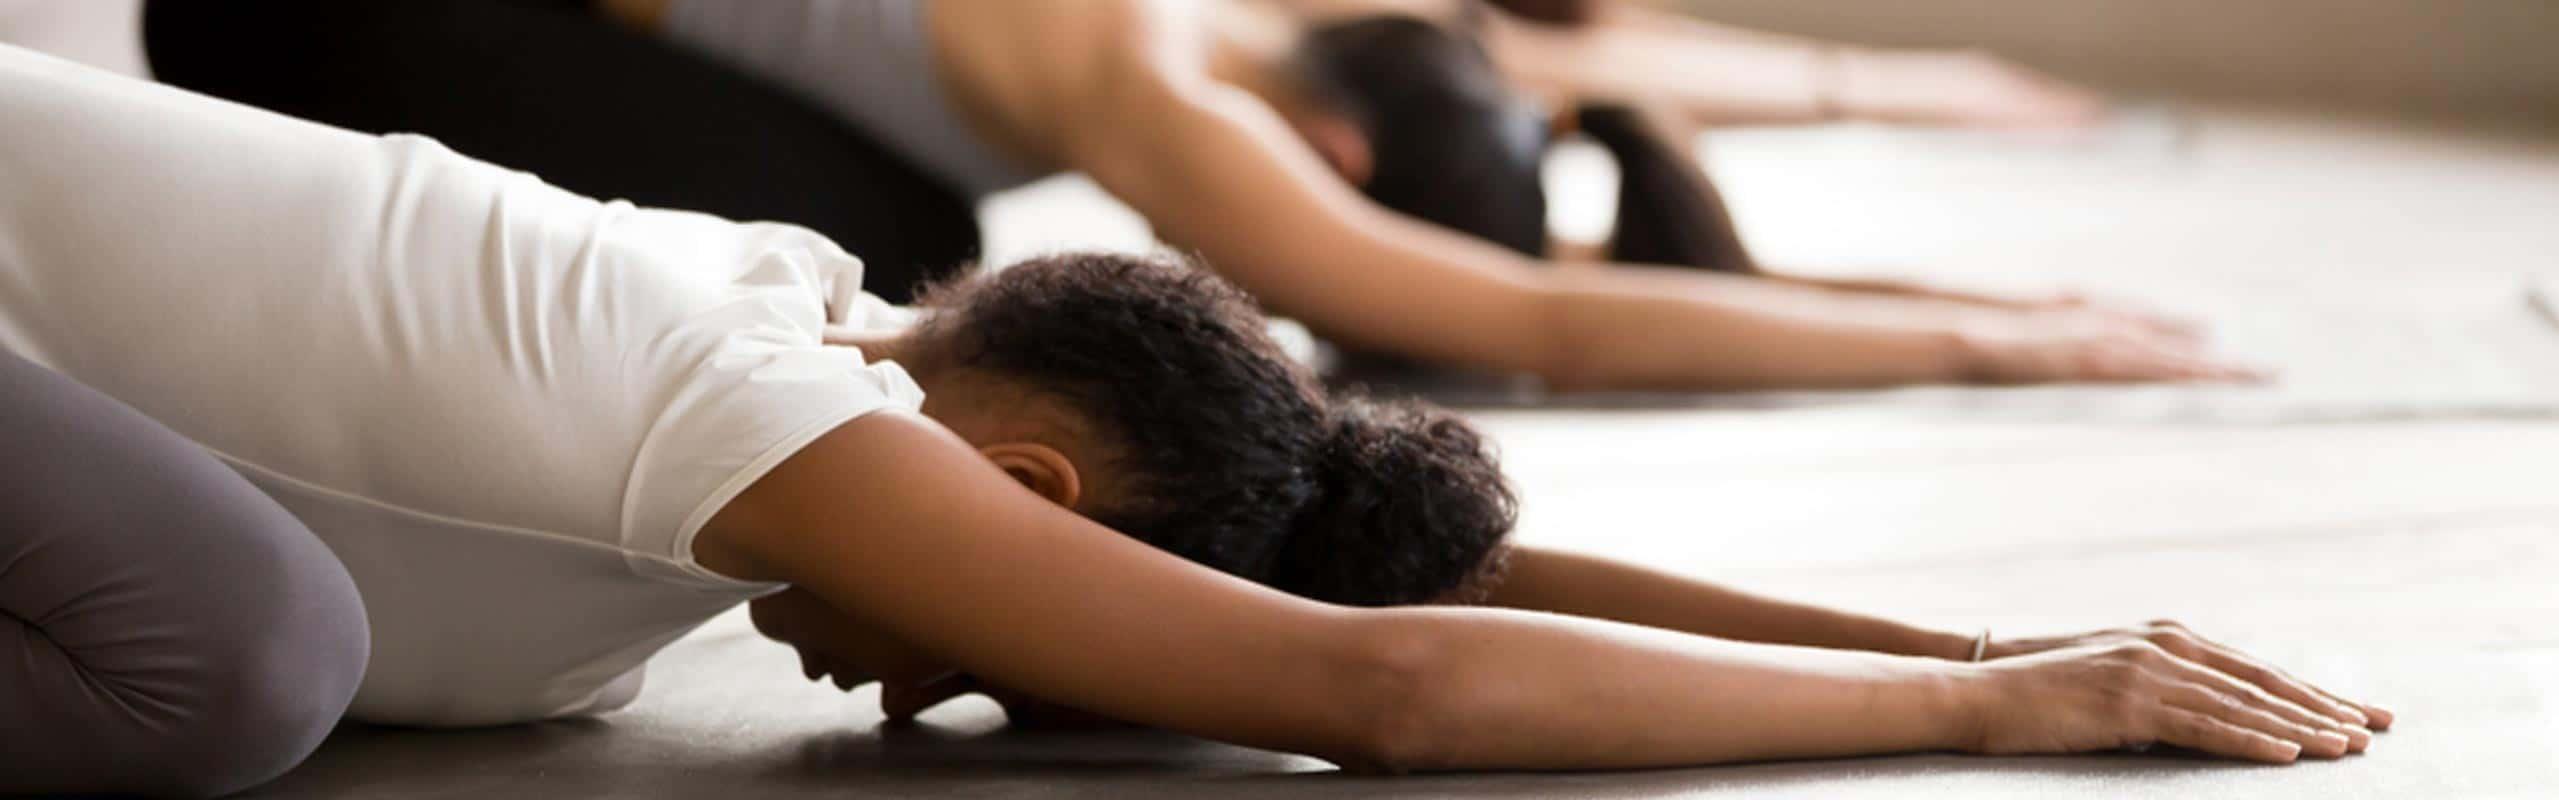 Descubre el Hatha Yoga y conoce sus beneficios